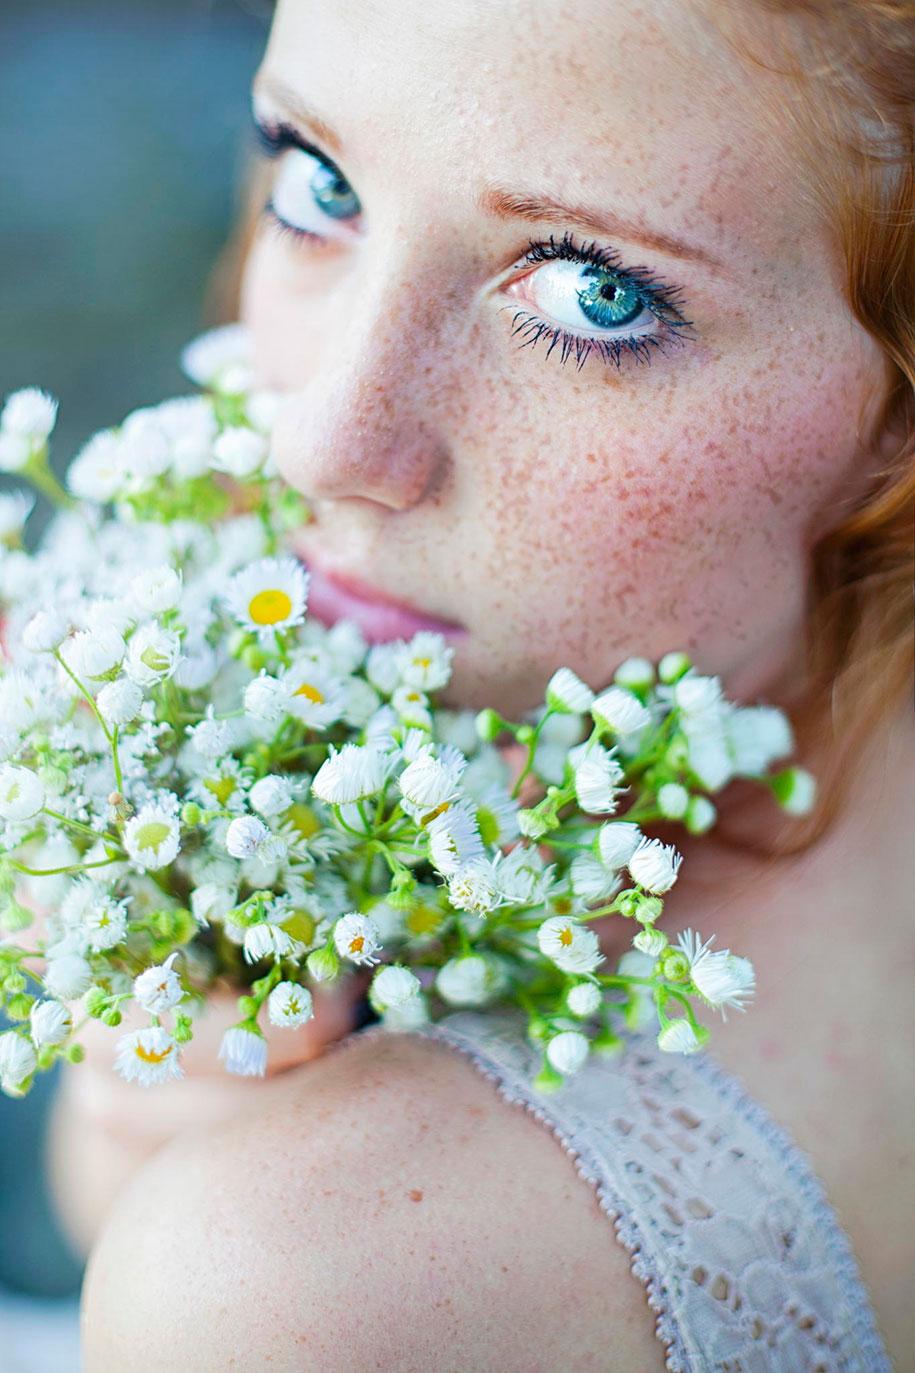 foto-ragazze-capelli-rossi-lentiggini-fiori-maja-topcagic-05